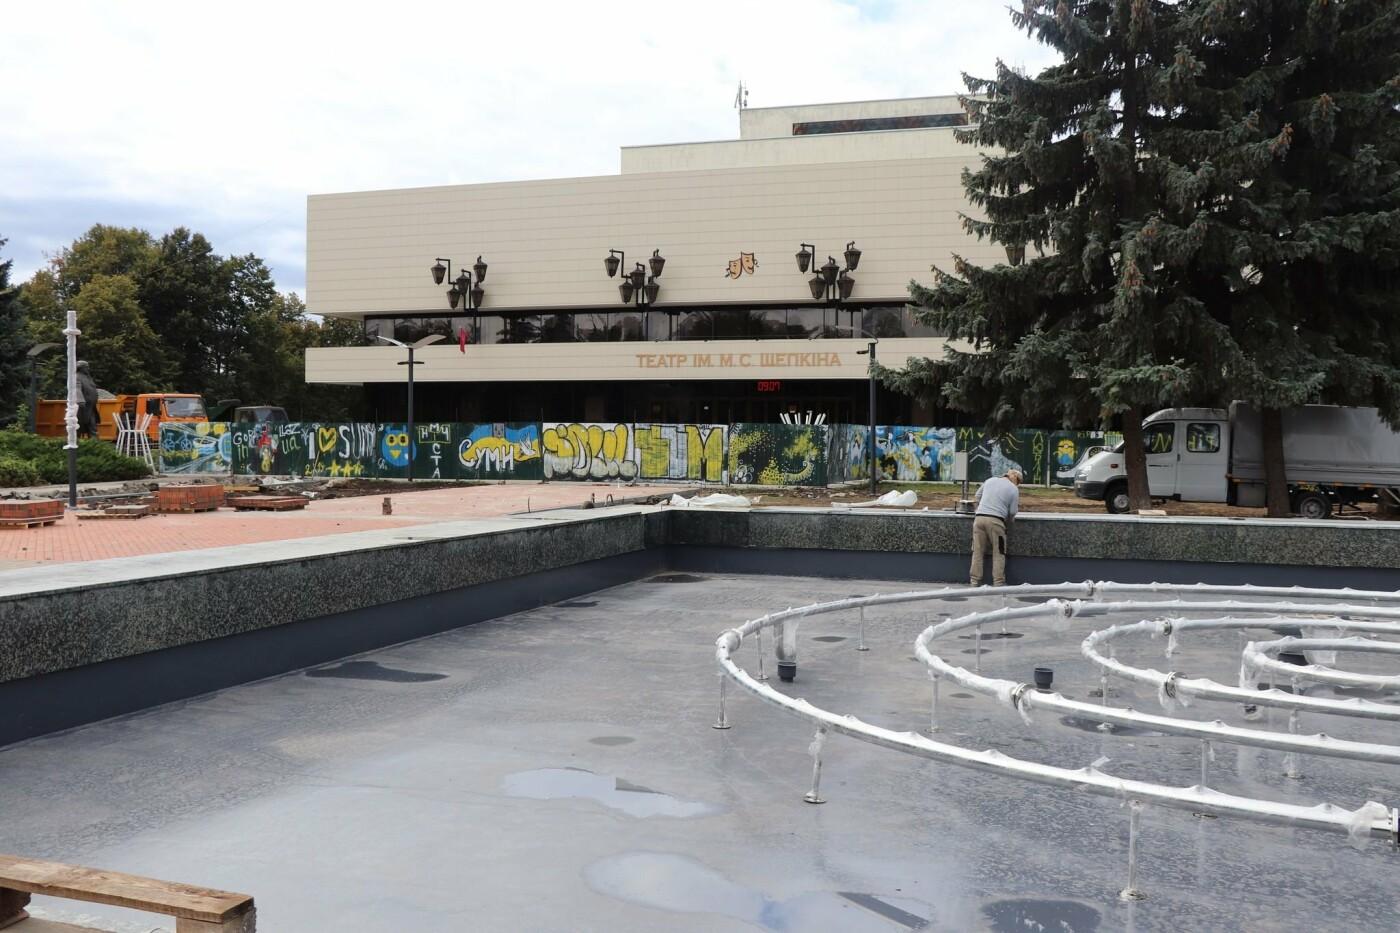 Олександр Лисенко: Роботи з реконструкції Театральної площі тримаю на особистому контролі, фото-4